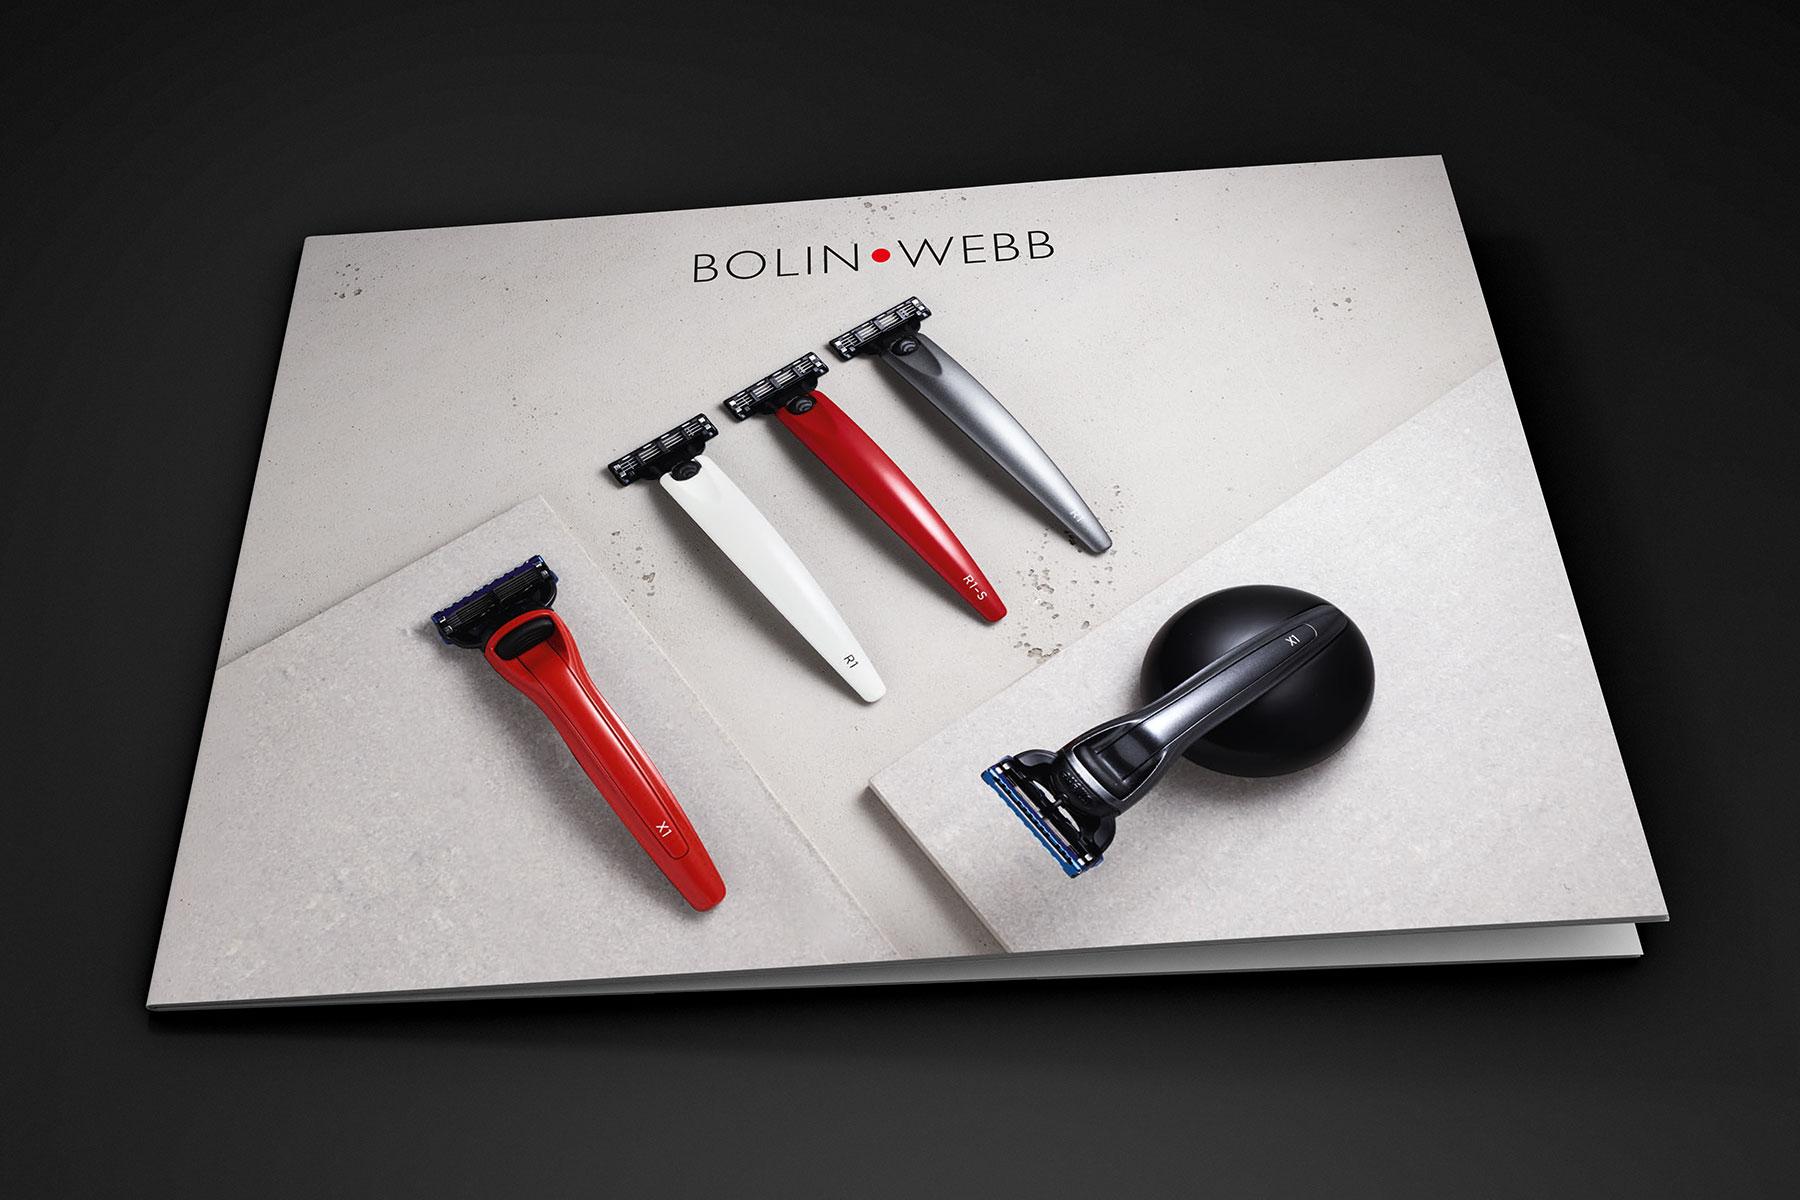 Brochure design cover for Bolin Webb branding